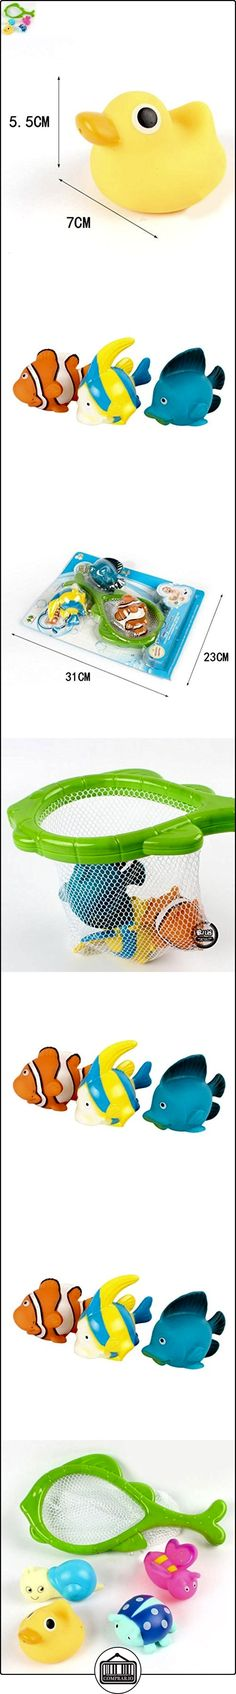 Juguete Aleatoria de Baño Agua Linda Pulverización Squeeky Divertido Niños Bebés Multicolors  ✿ Seguridad para tu bebé - (Protege a tus hijos) ✿ ▬► Ver oferta: http://comprar.io/goto/B01MF9QX7D